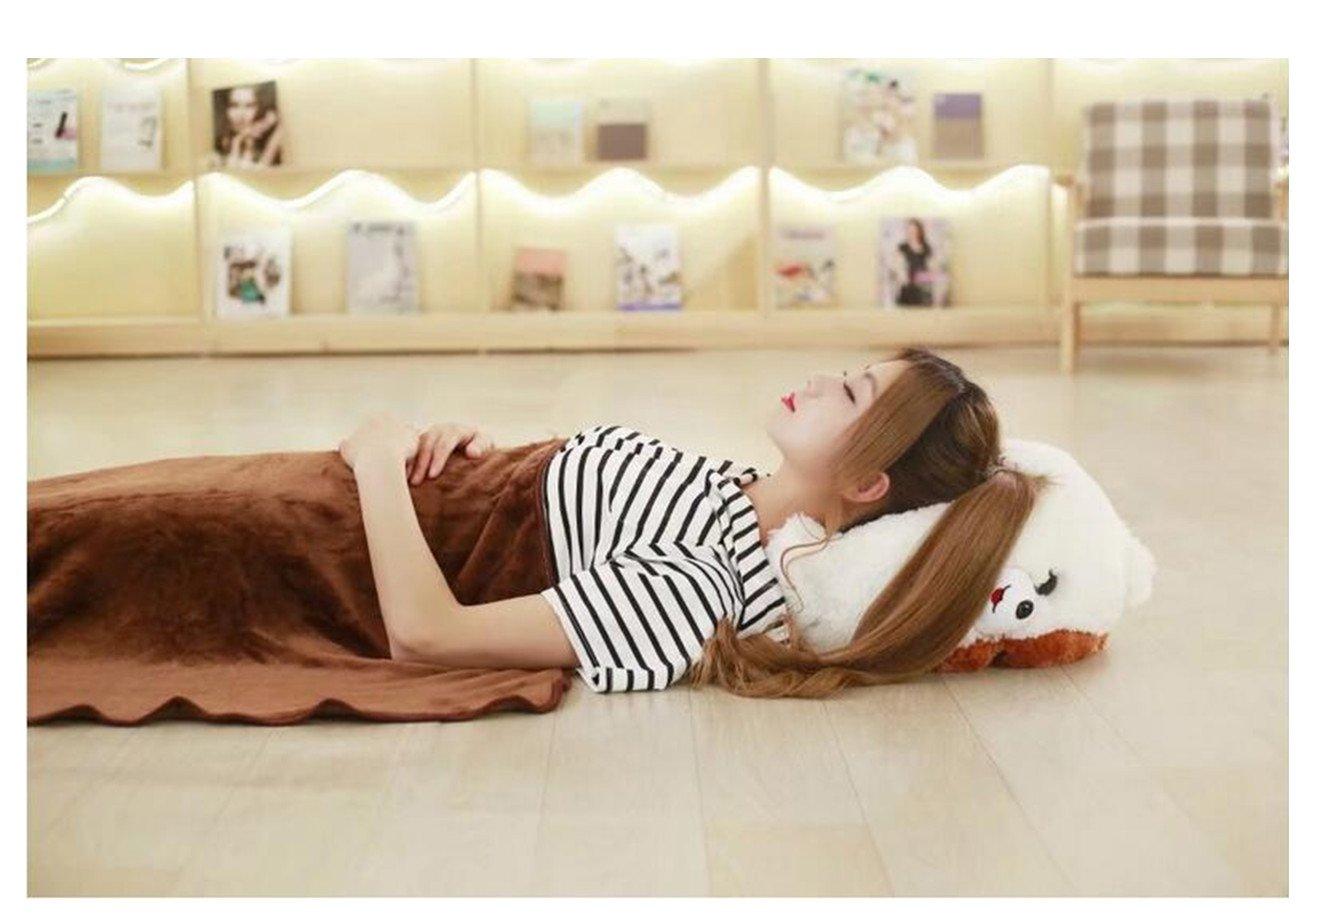 100/x 170/cm ni/ños regalo de cumplea/ños lanfire Super Cute 1pieza 30/x 40/cm Creative Cartoon almohada de Pomerania de perro de peluche con manta Insider